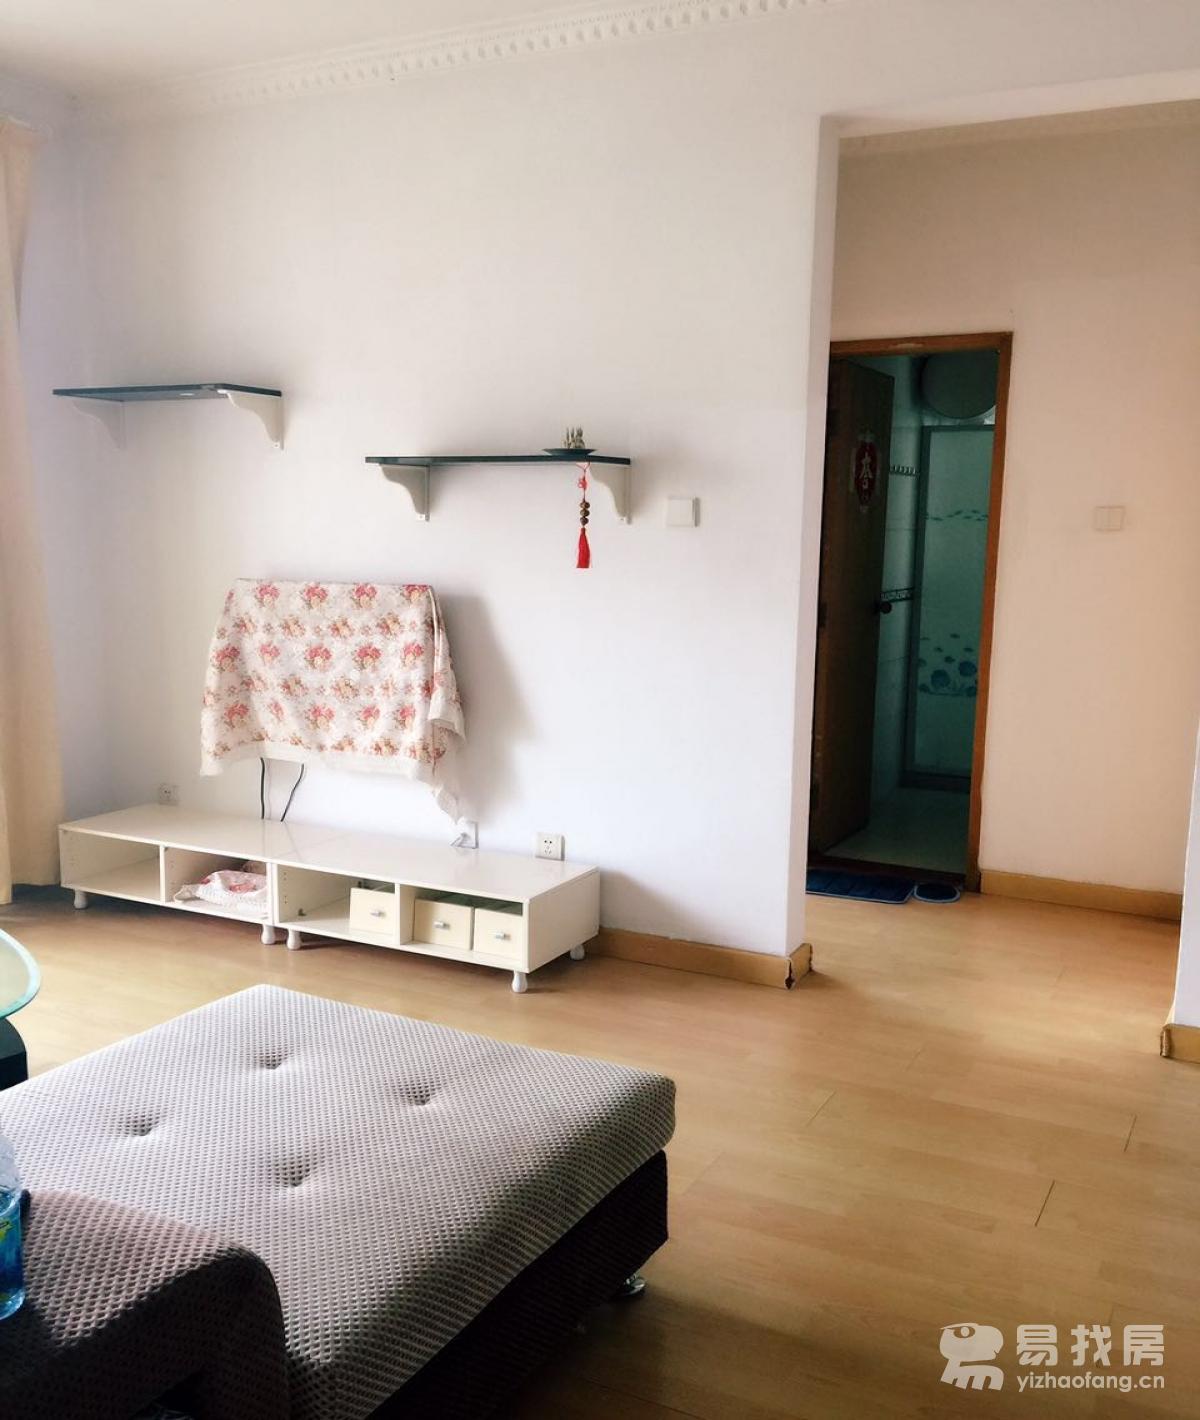 背景墙 房间 家居 起居室 设计 卧室 卧室装修 现代 装修 1200_1420